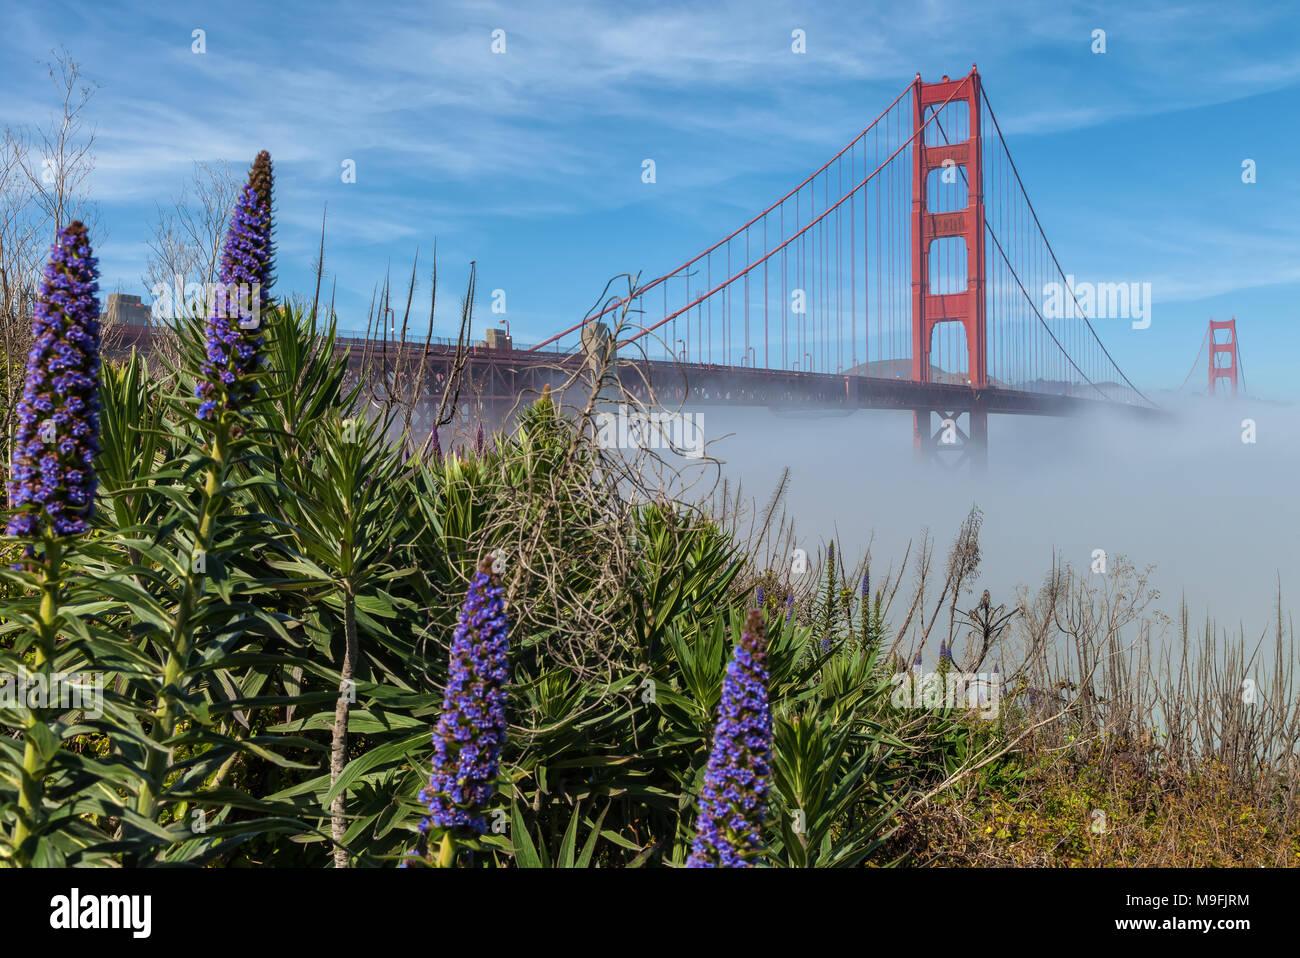 L'emblématique pont du Golden Gate, à faible brouillard sous le pont et de fierté en fleurs fleurs de Madère, San Francisco, California, United States. Photo Stock